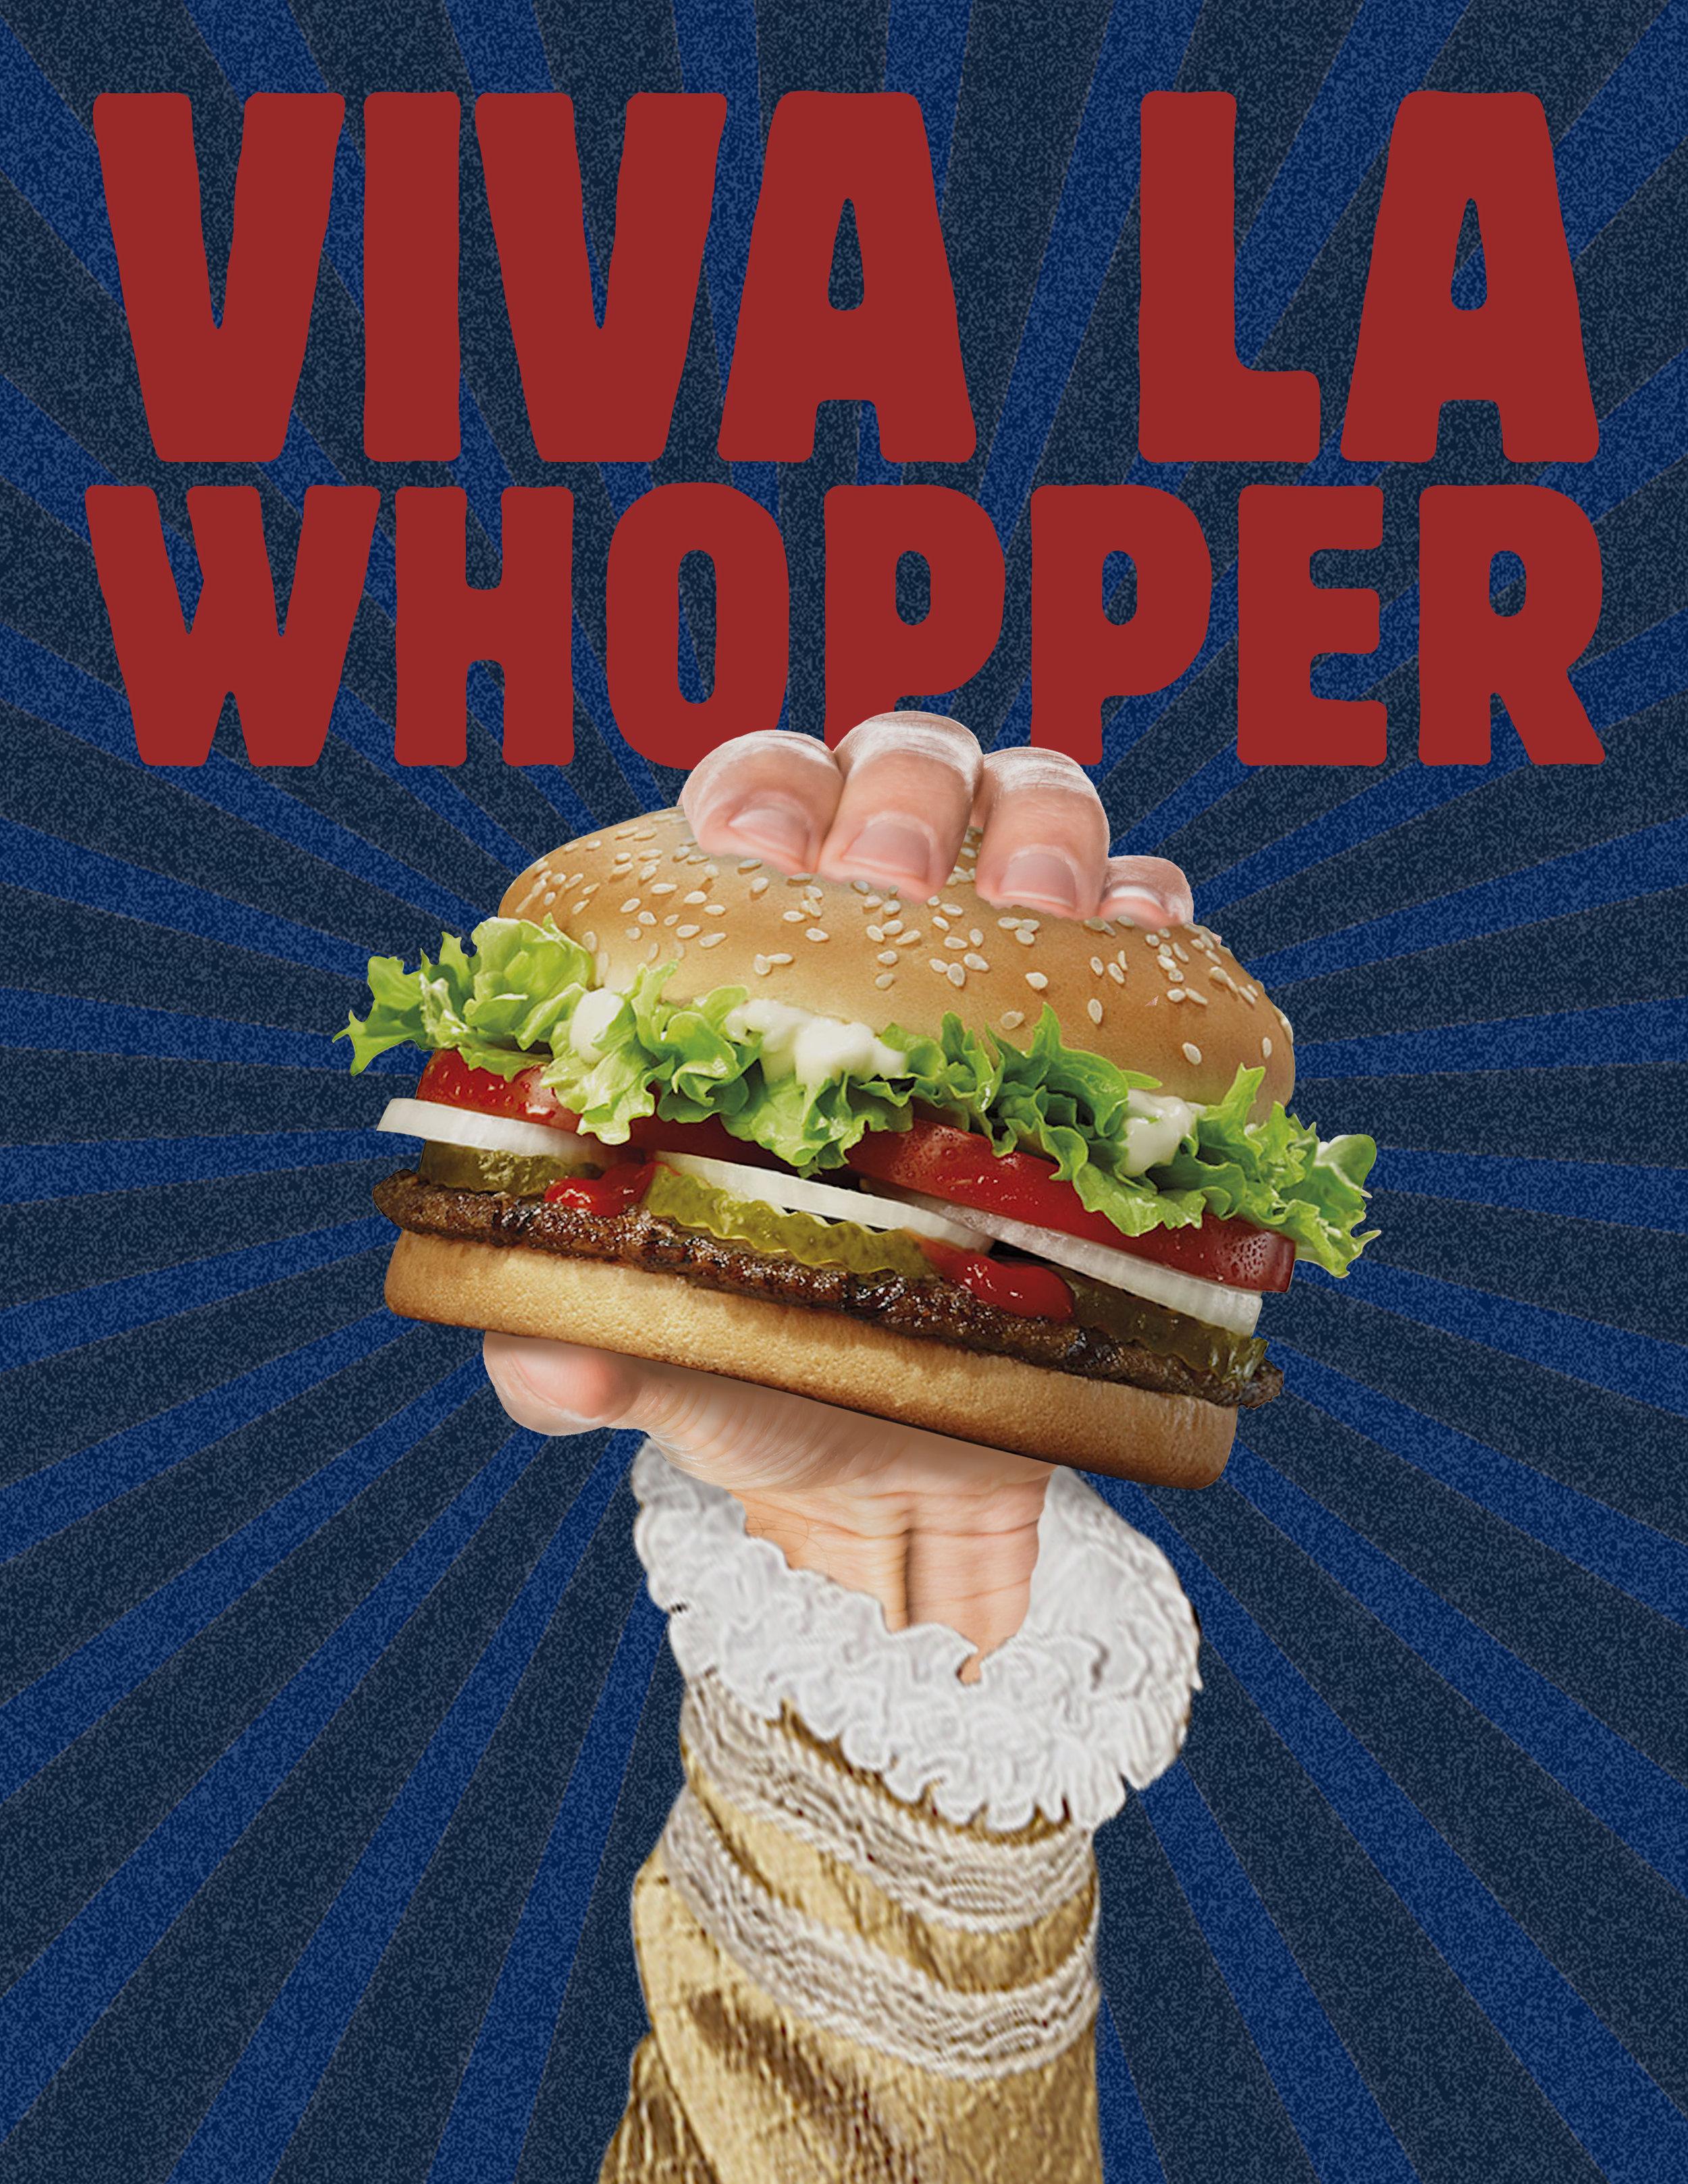 BK_InStore_0000_Viva La Whopper.jpg